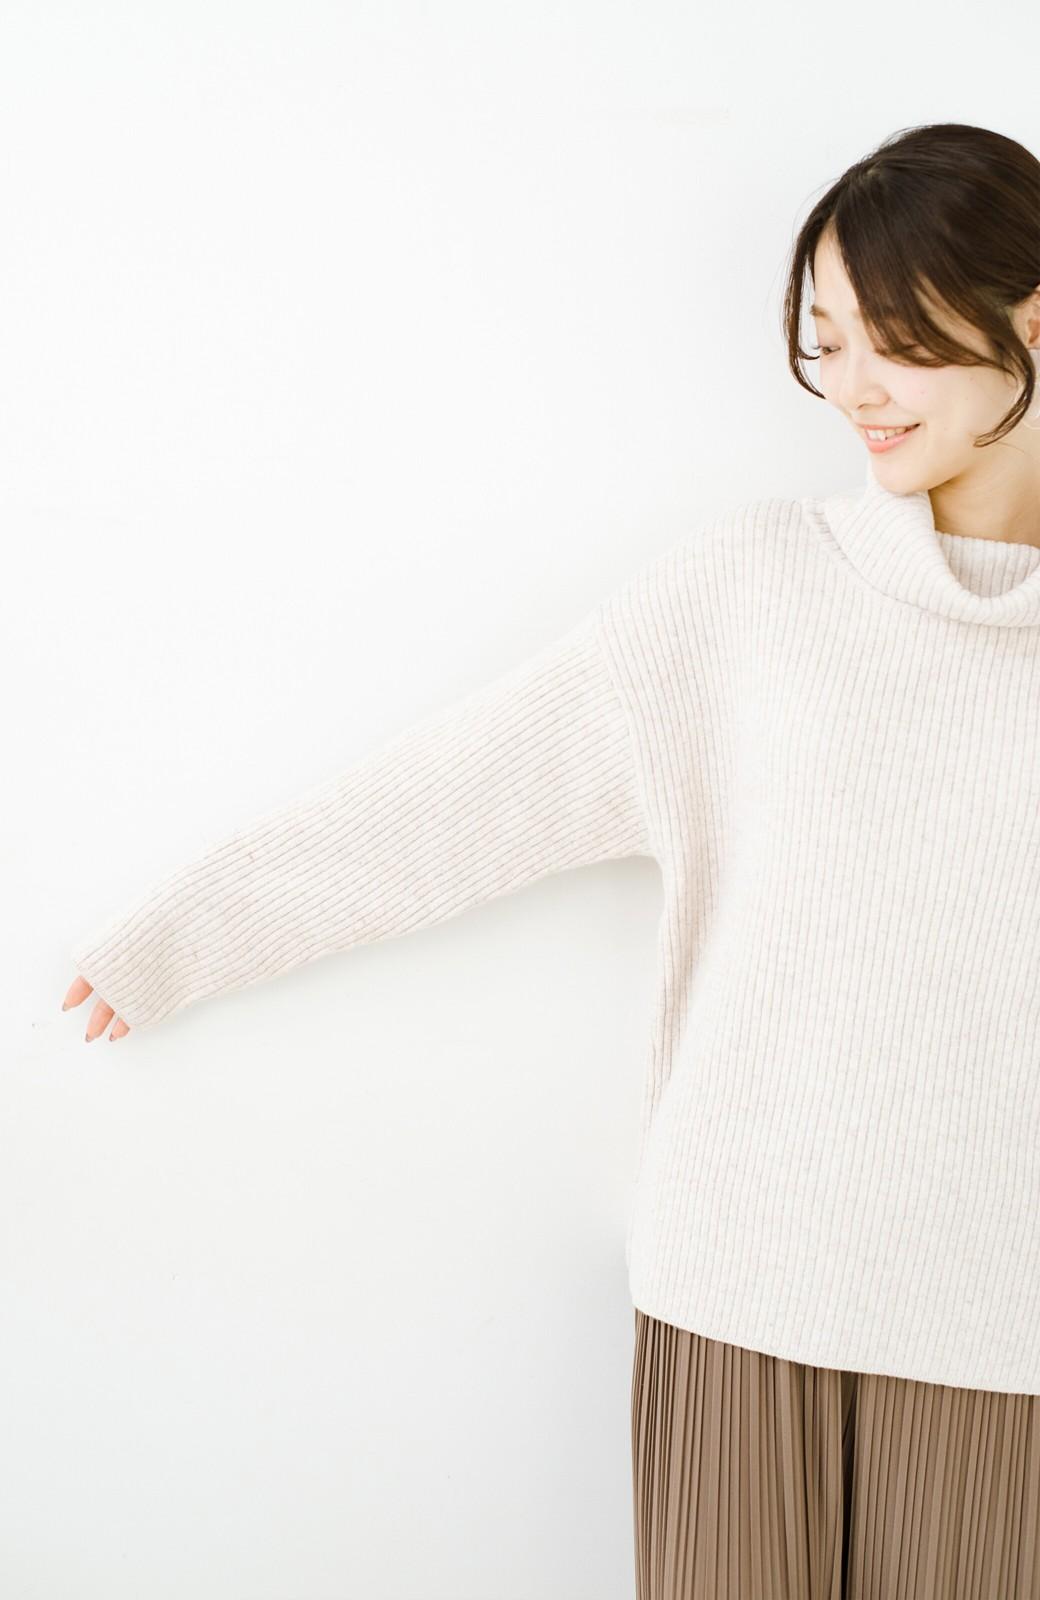 haco! haco! 何着よう?!と困った朝の相棒にぴったりな便利なシンプルリブニットby style zampa <アイボリー>の商品写真14